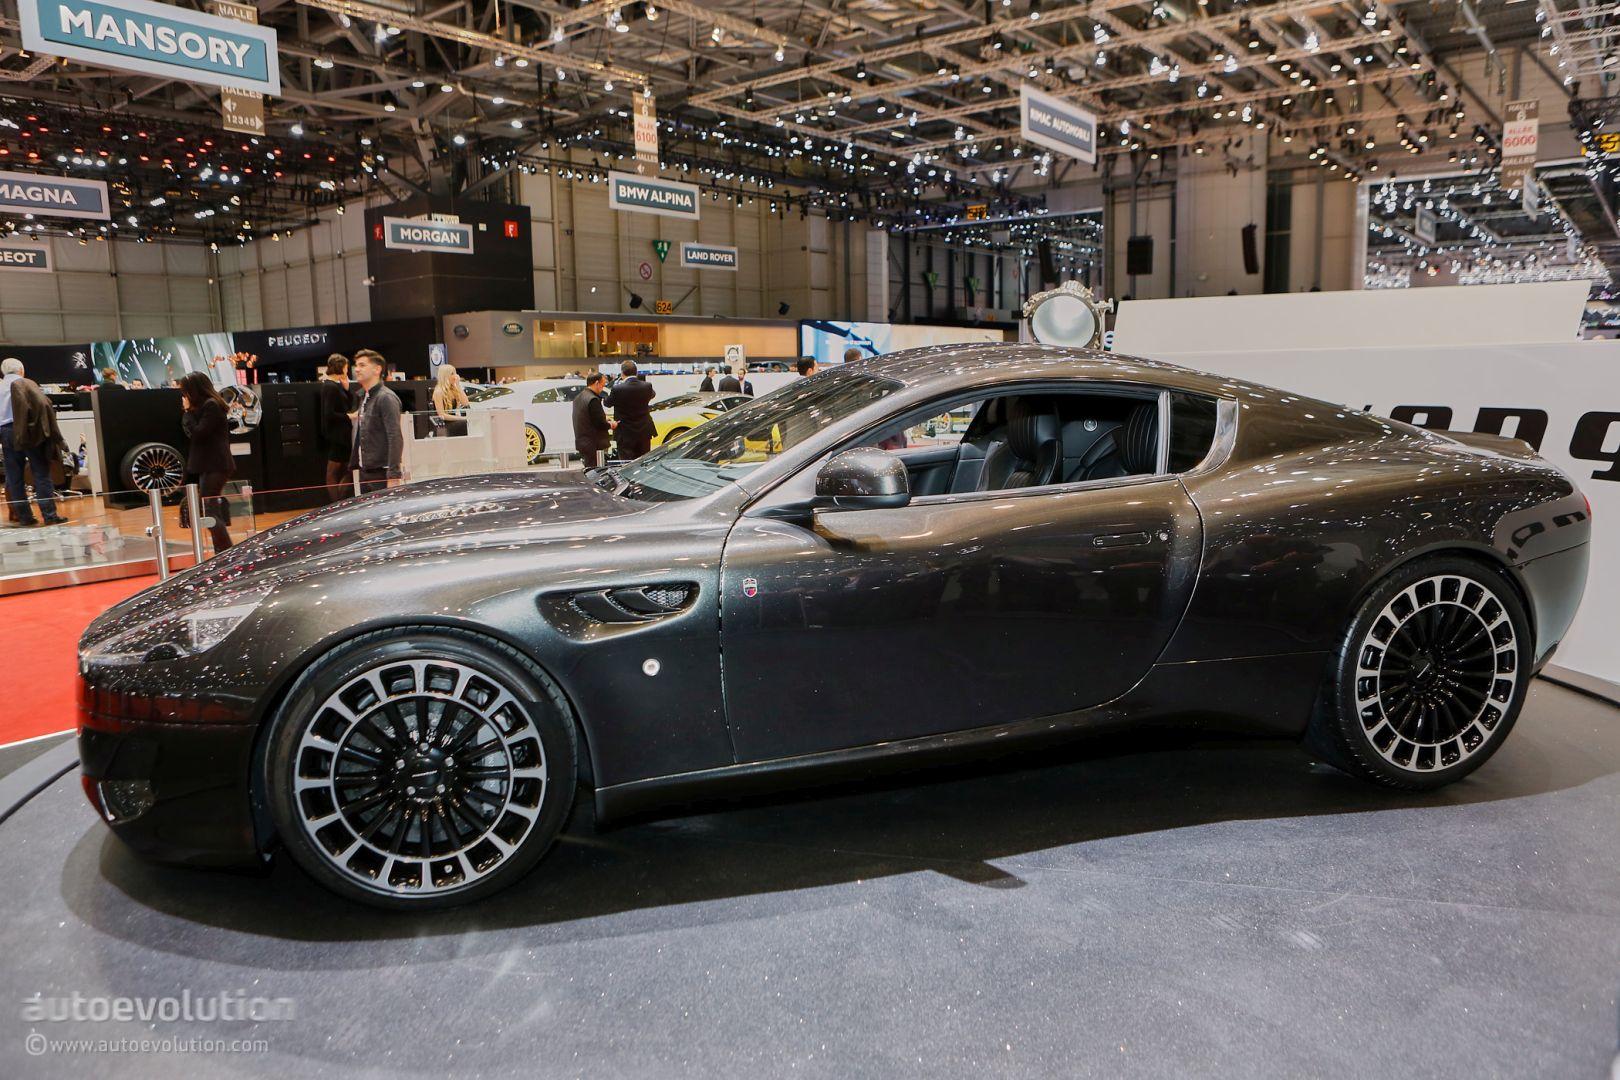 Kahn S Coach Built Db9 Vengeance Has Aston Martin S